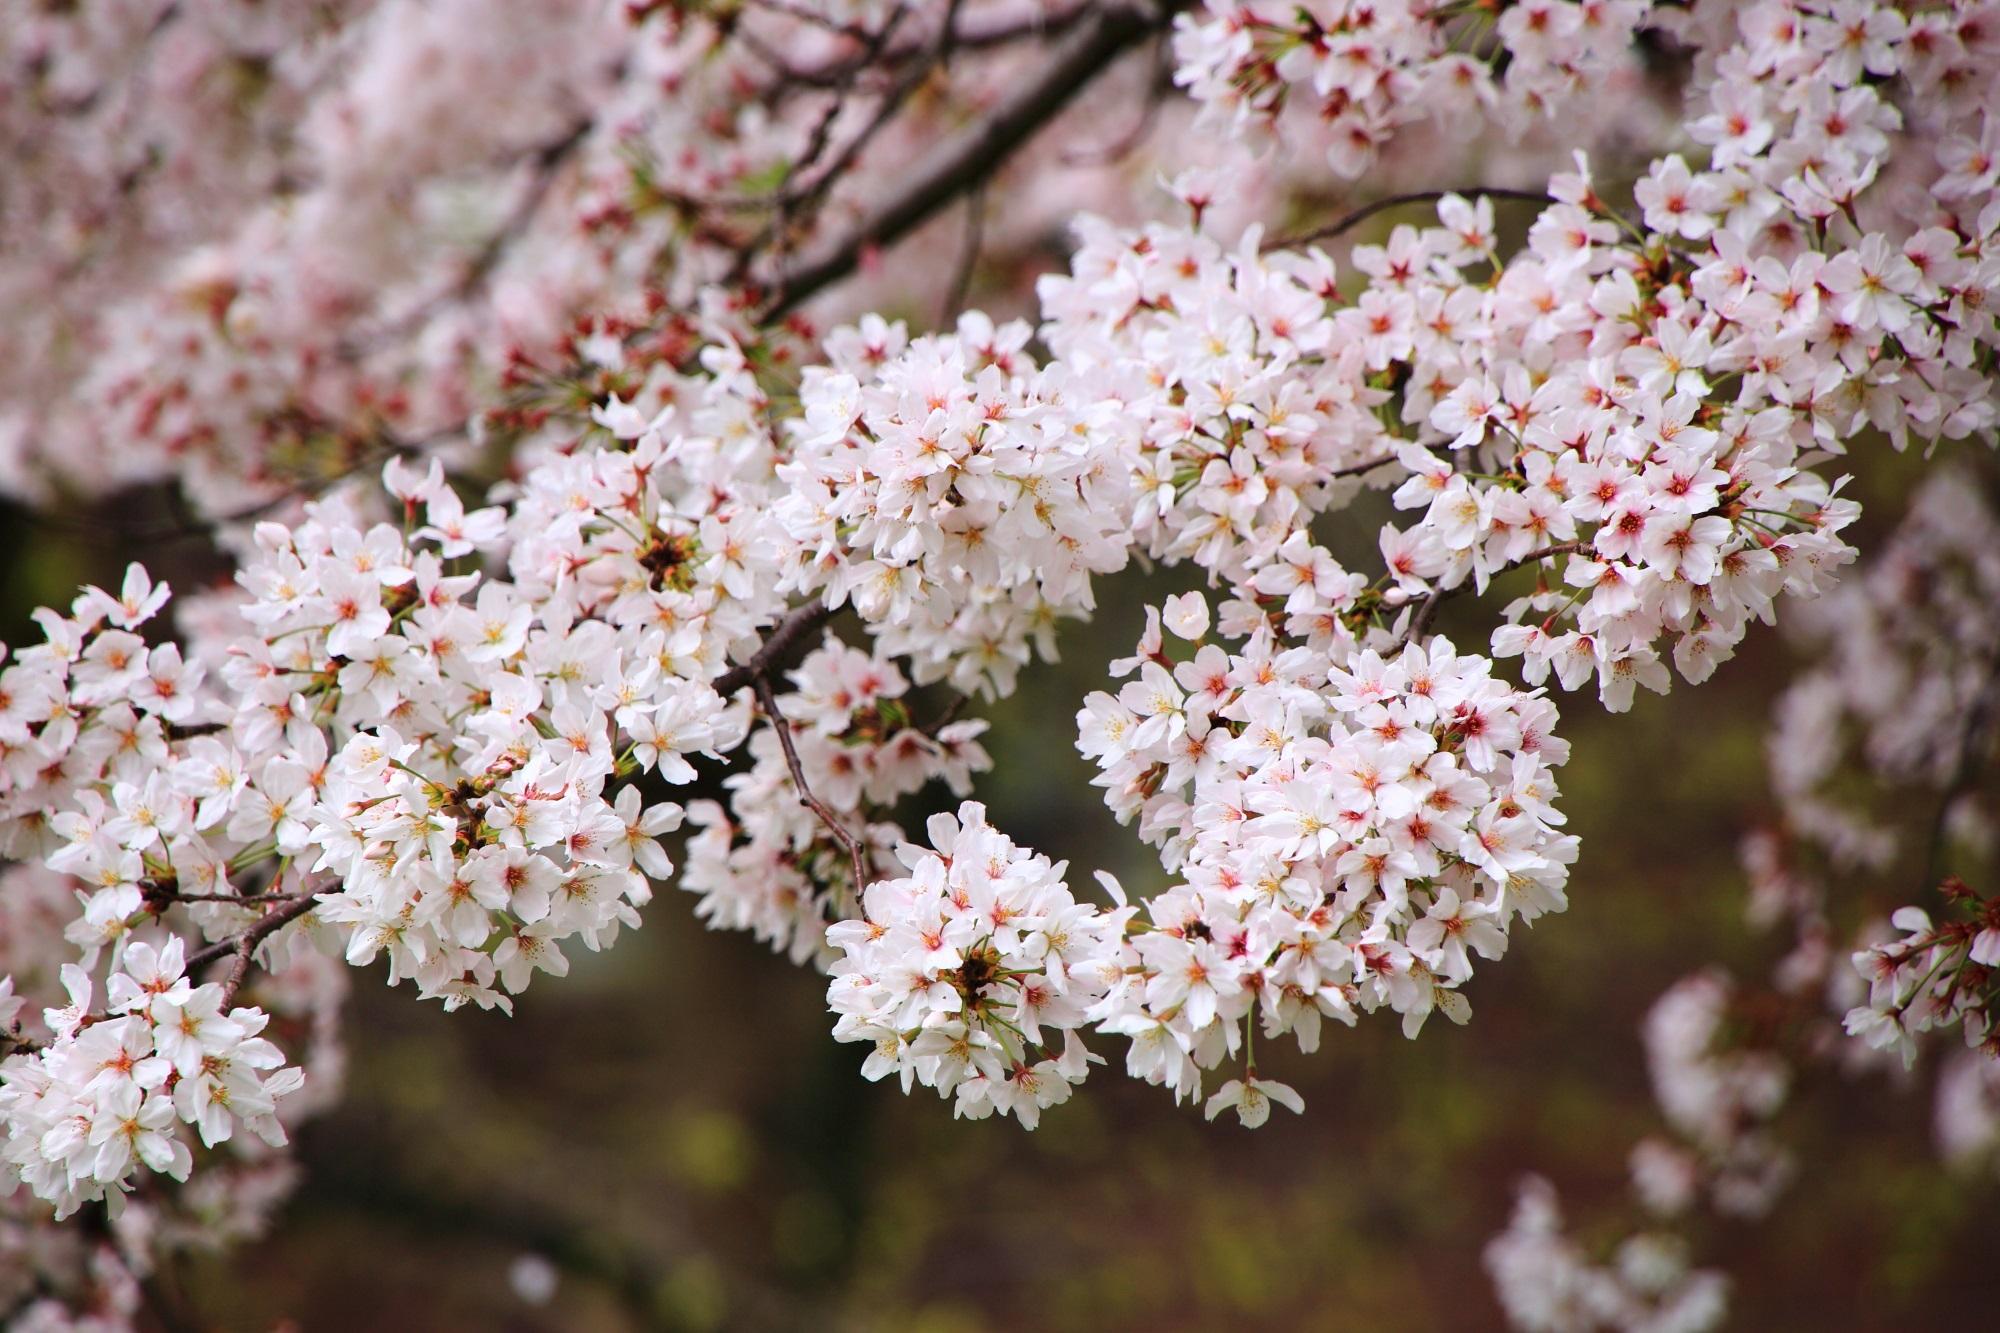 花をいっぱいつけて咲き誇る満開の桜